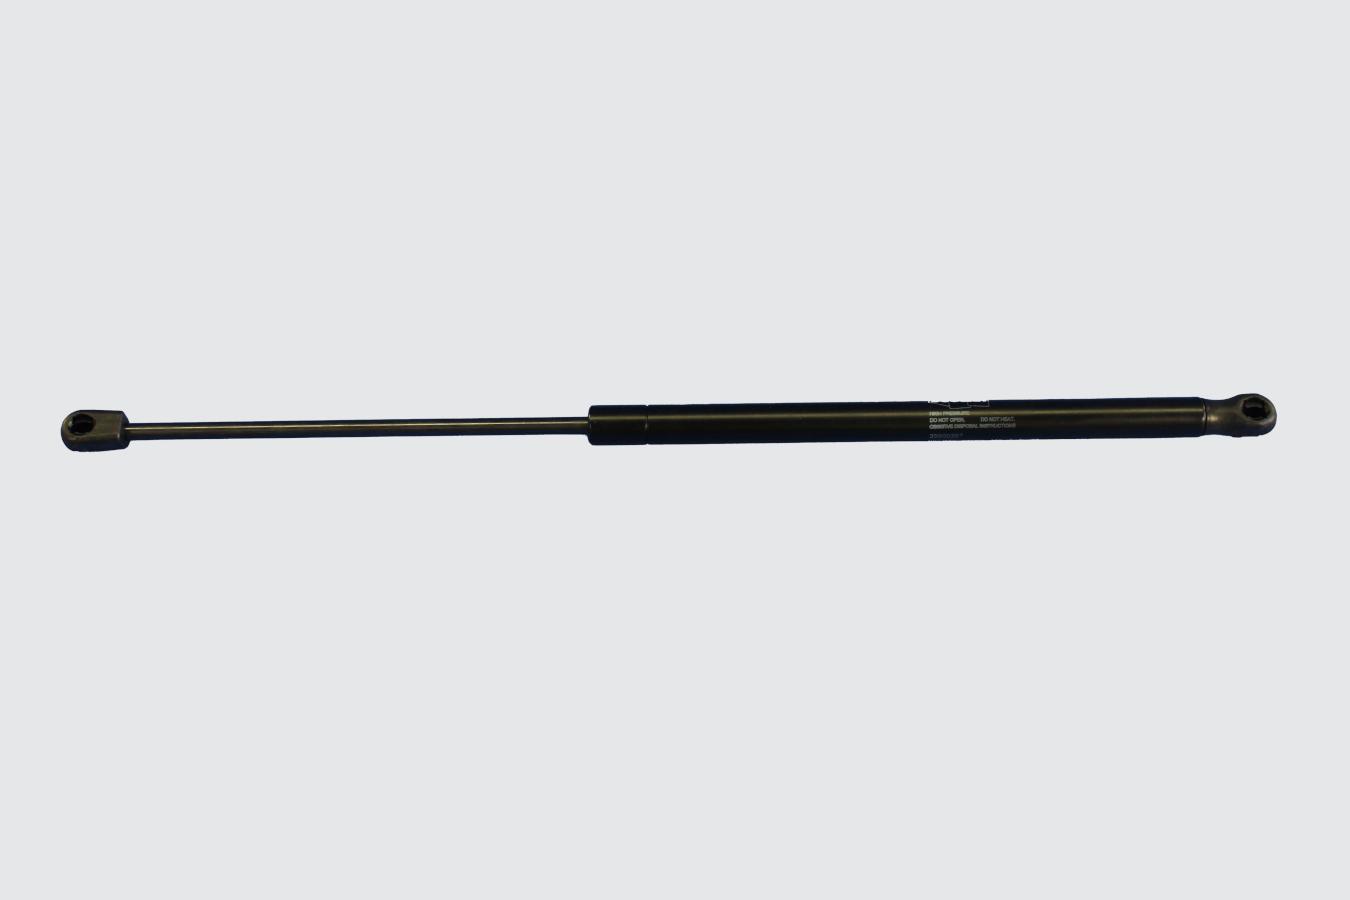 35600287-SPRING, GAS 70LB